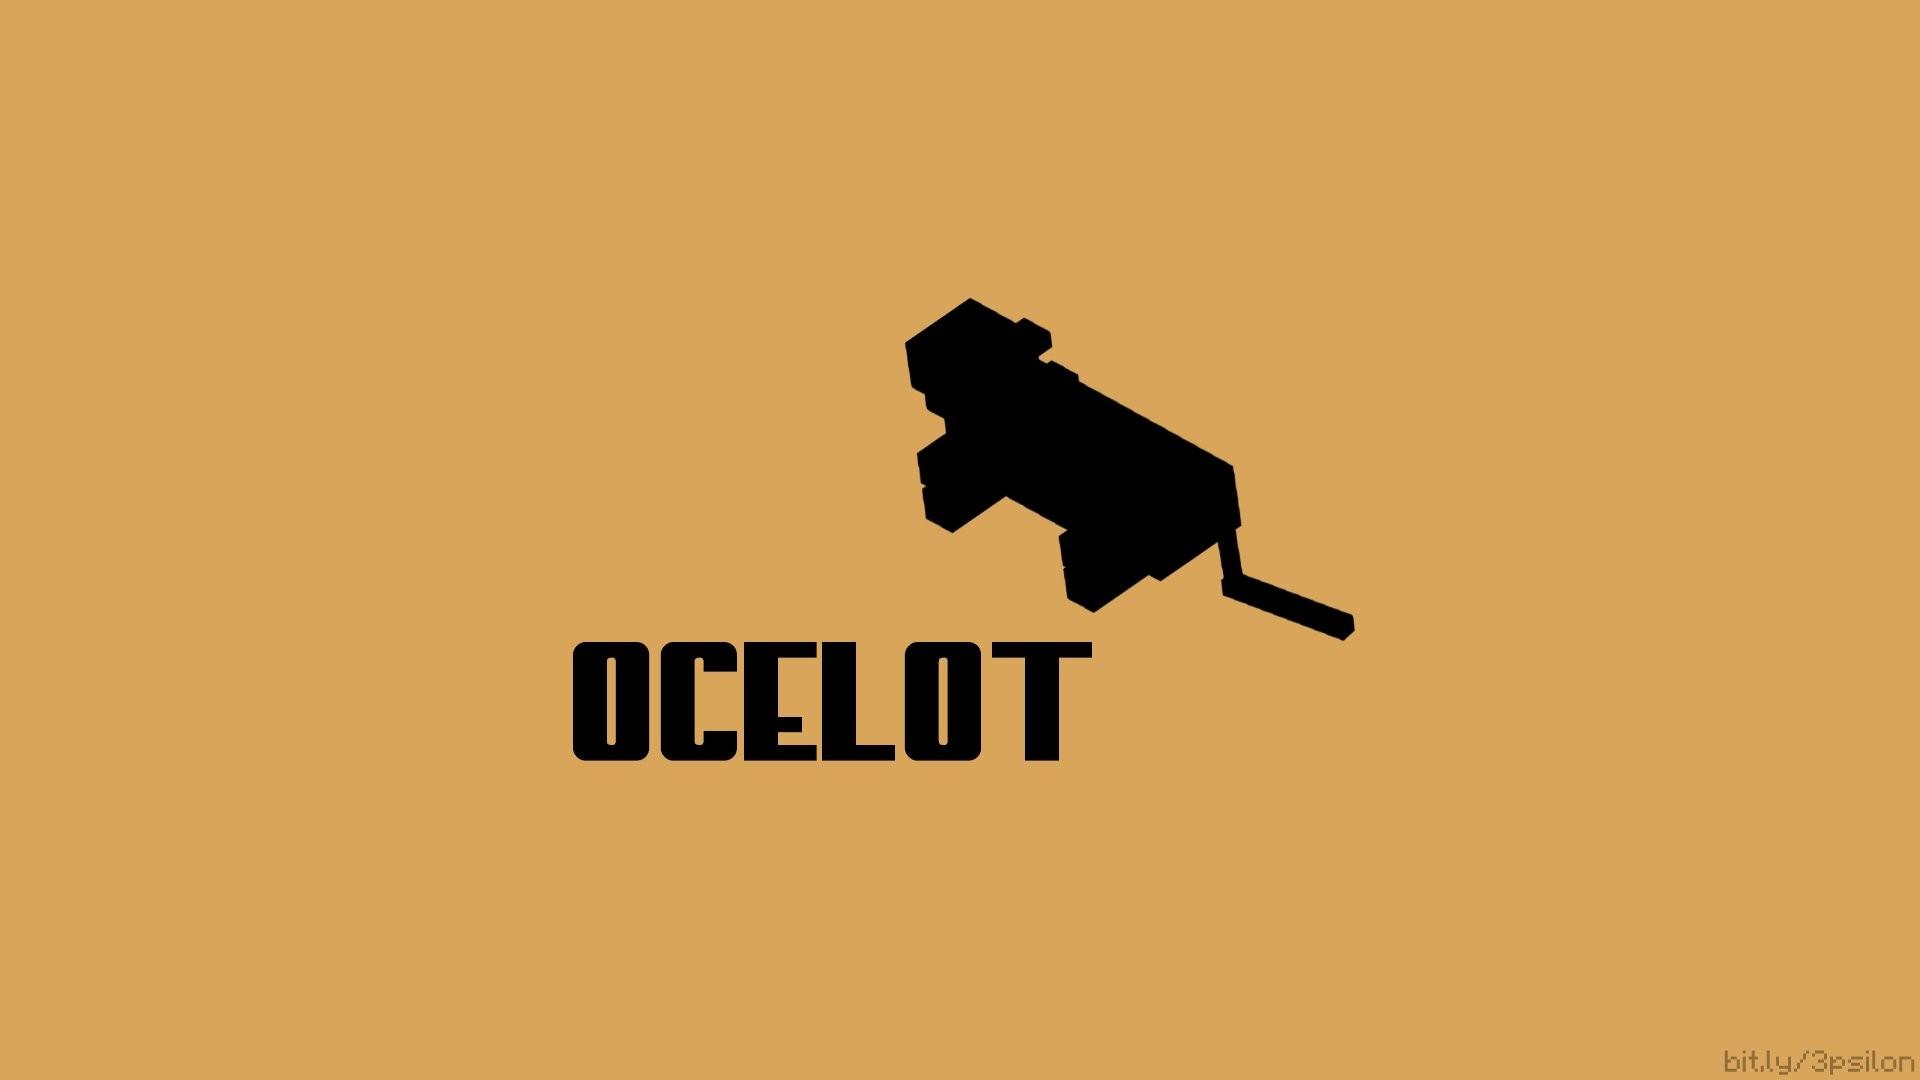 Ocelot Wallpaper 67 Pictures